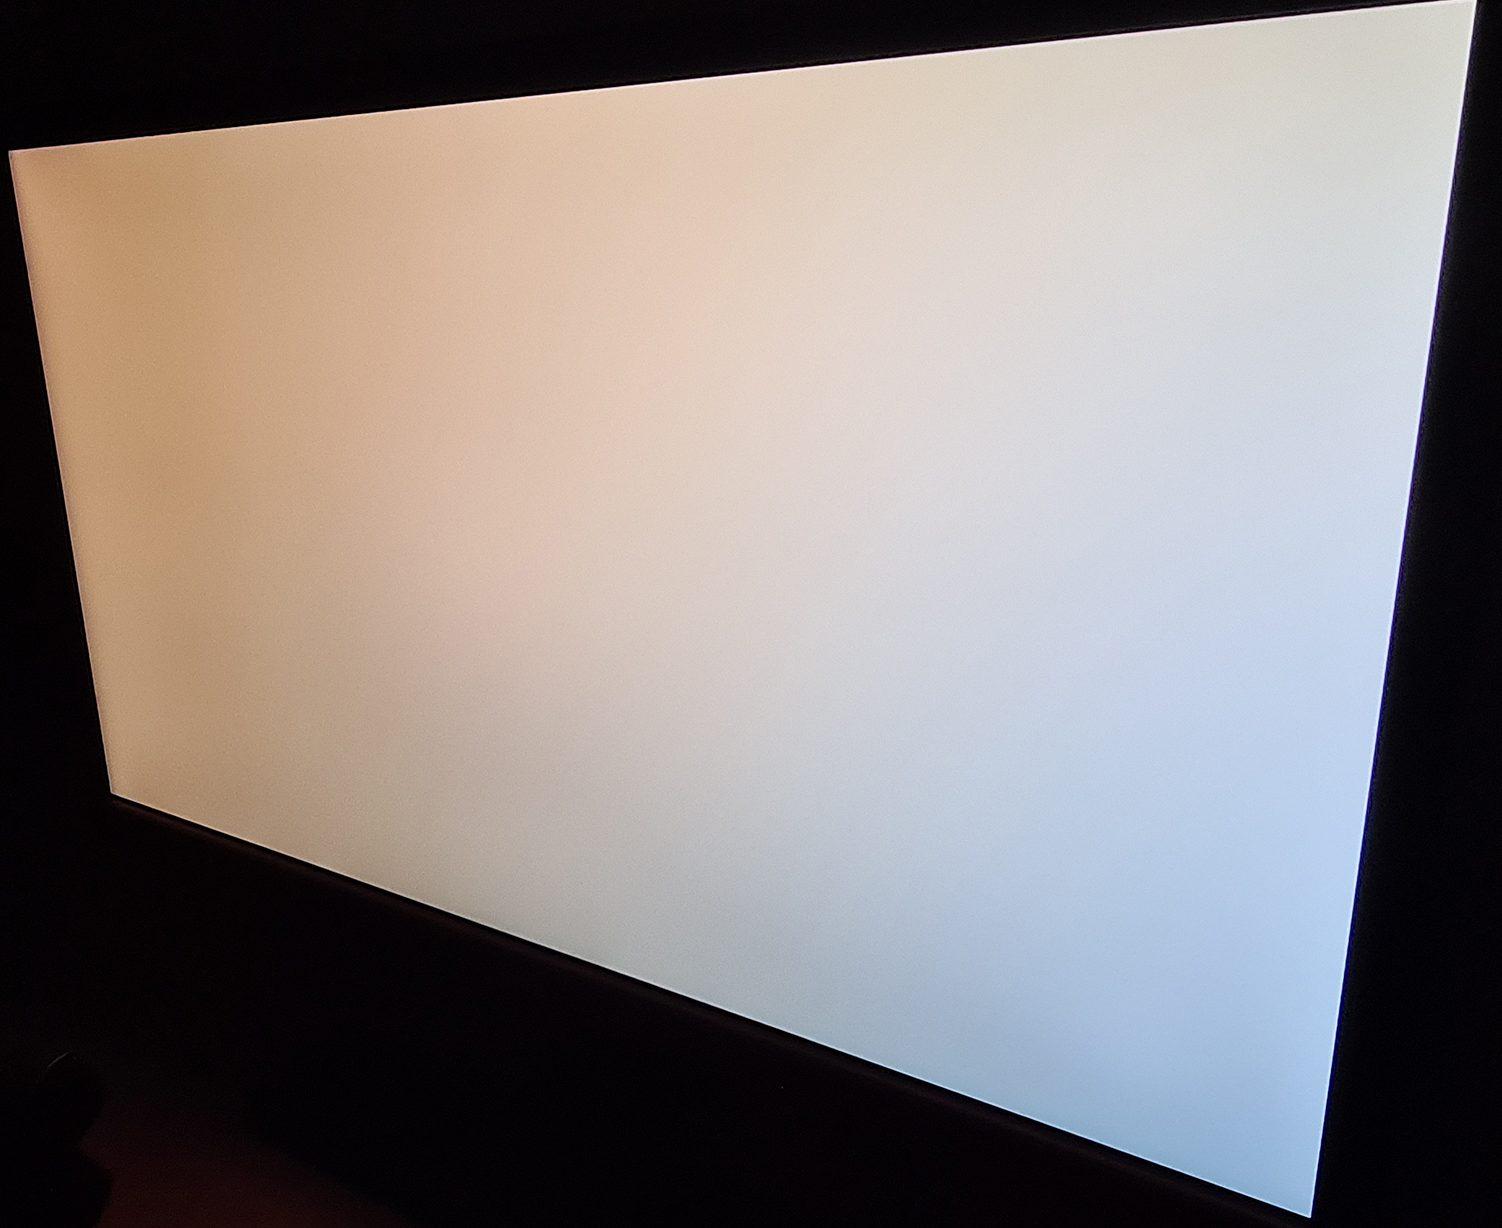 BenQ EL2870U - Blickwinkel Ansicht von rechts